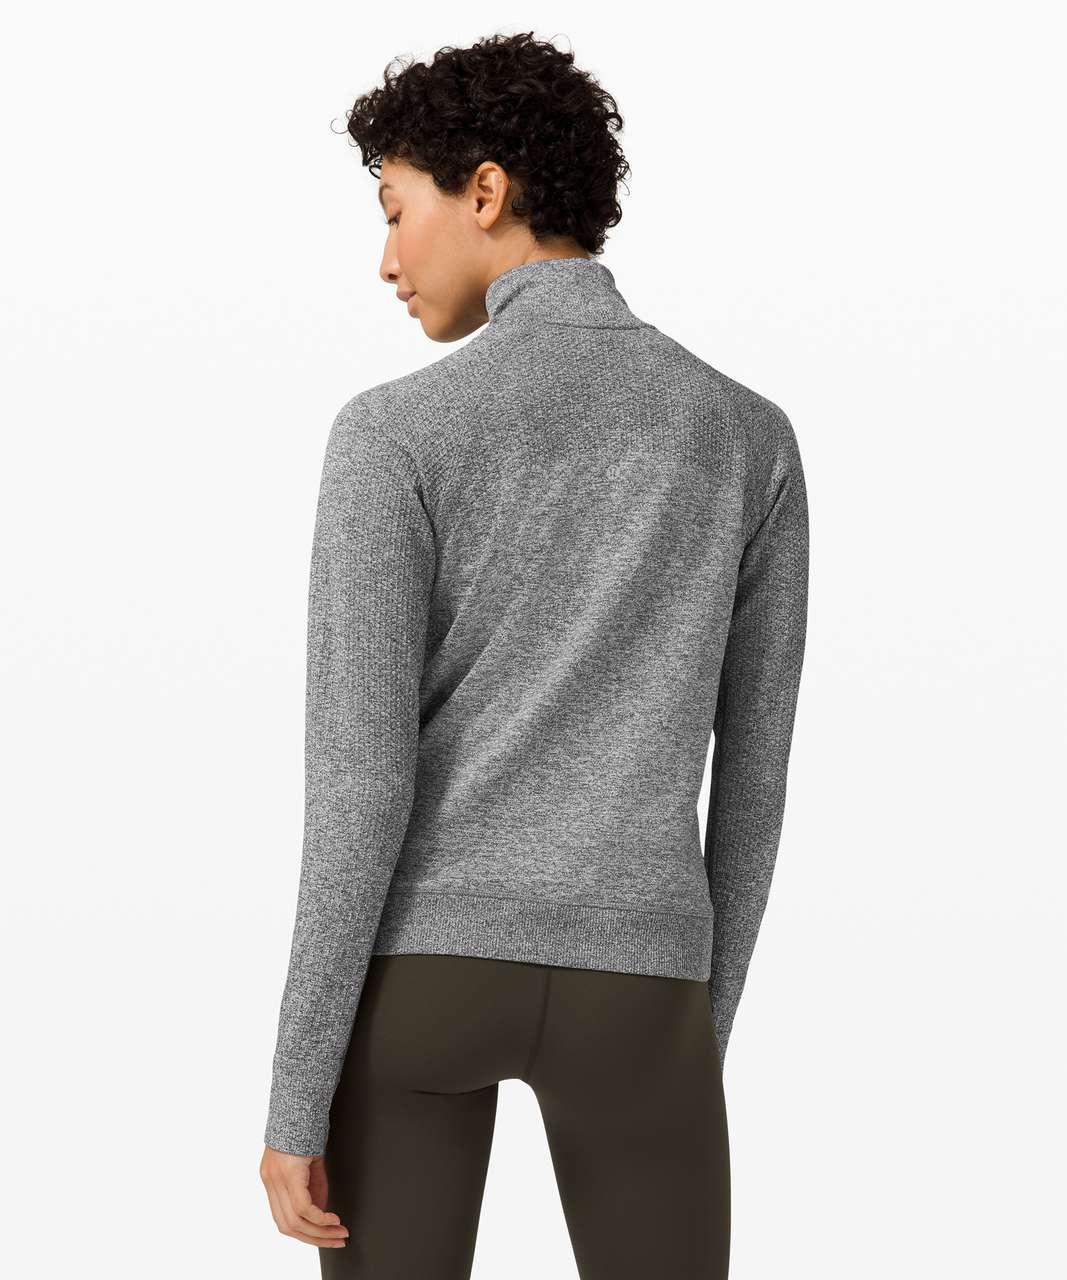 Lululemon Engineered Warmth Half Zip - Graphite Grey / White